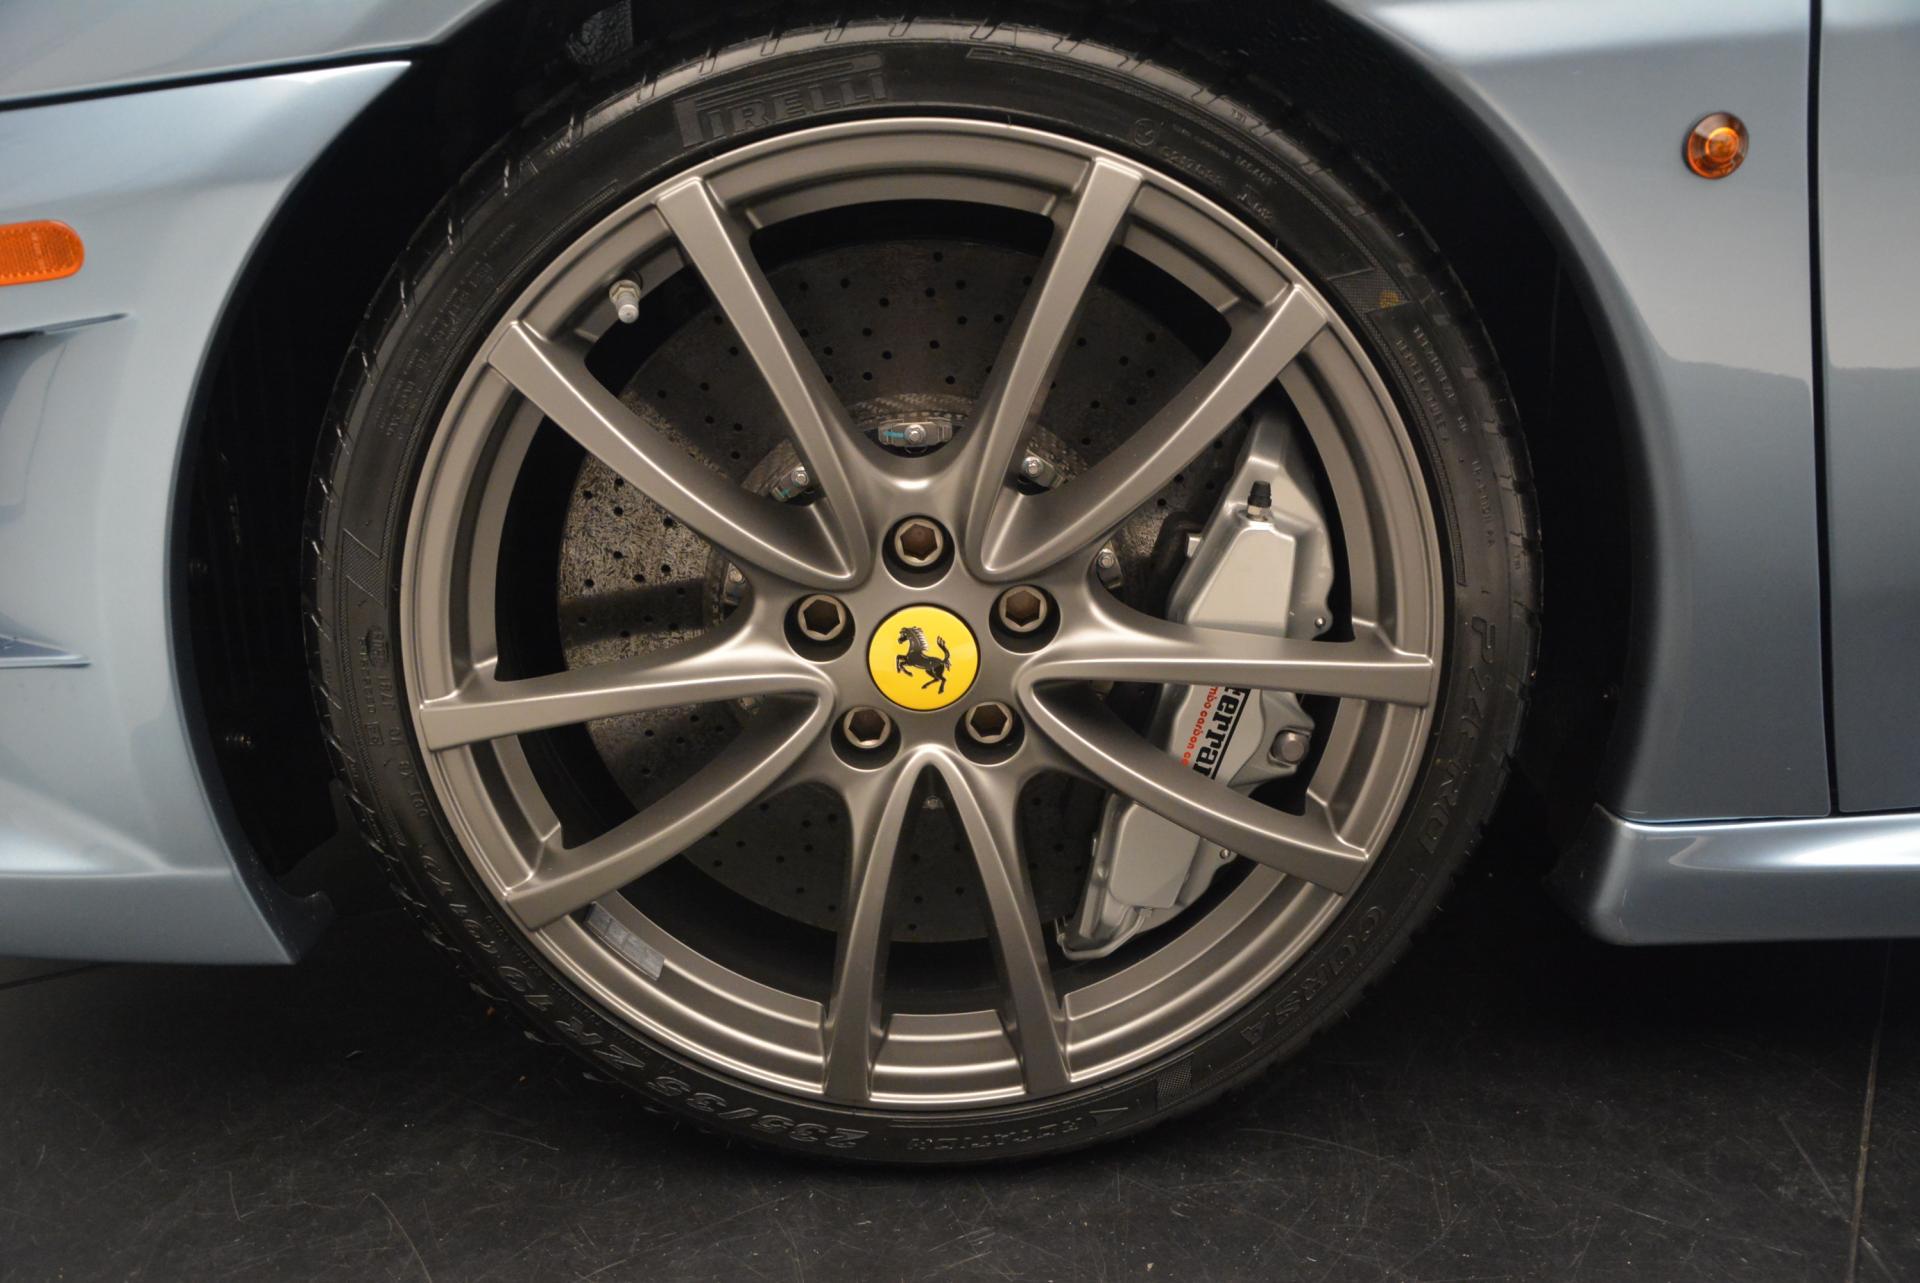 Used 2008 Ferrari F430 Scuderia For Sale In Greenwich, CT. Alfa Romeo of Greenwich, 4310 146_p13